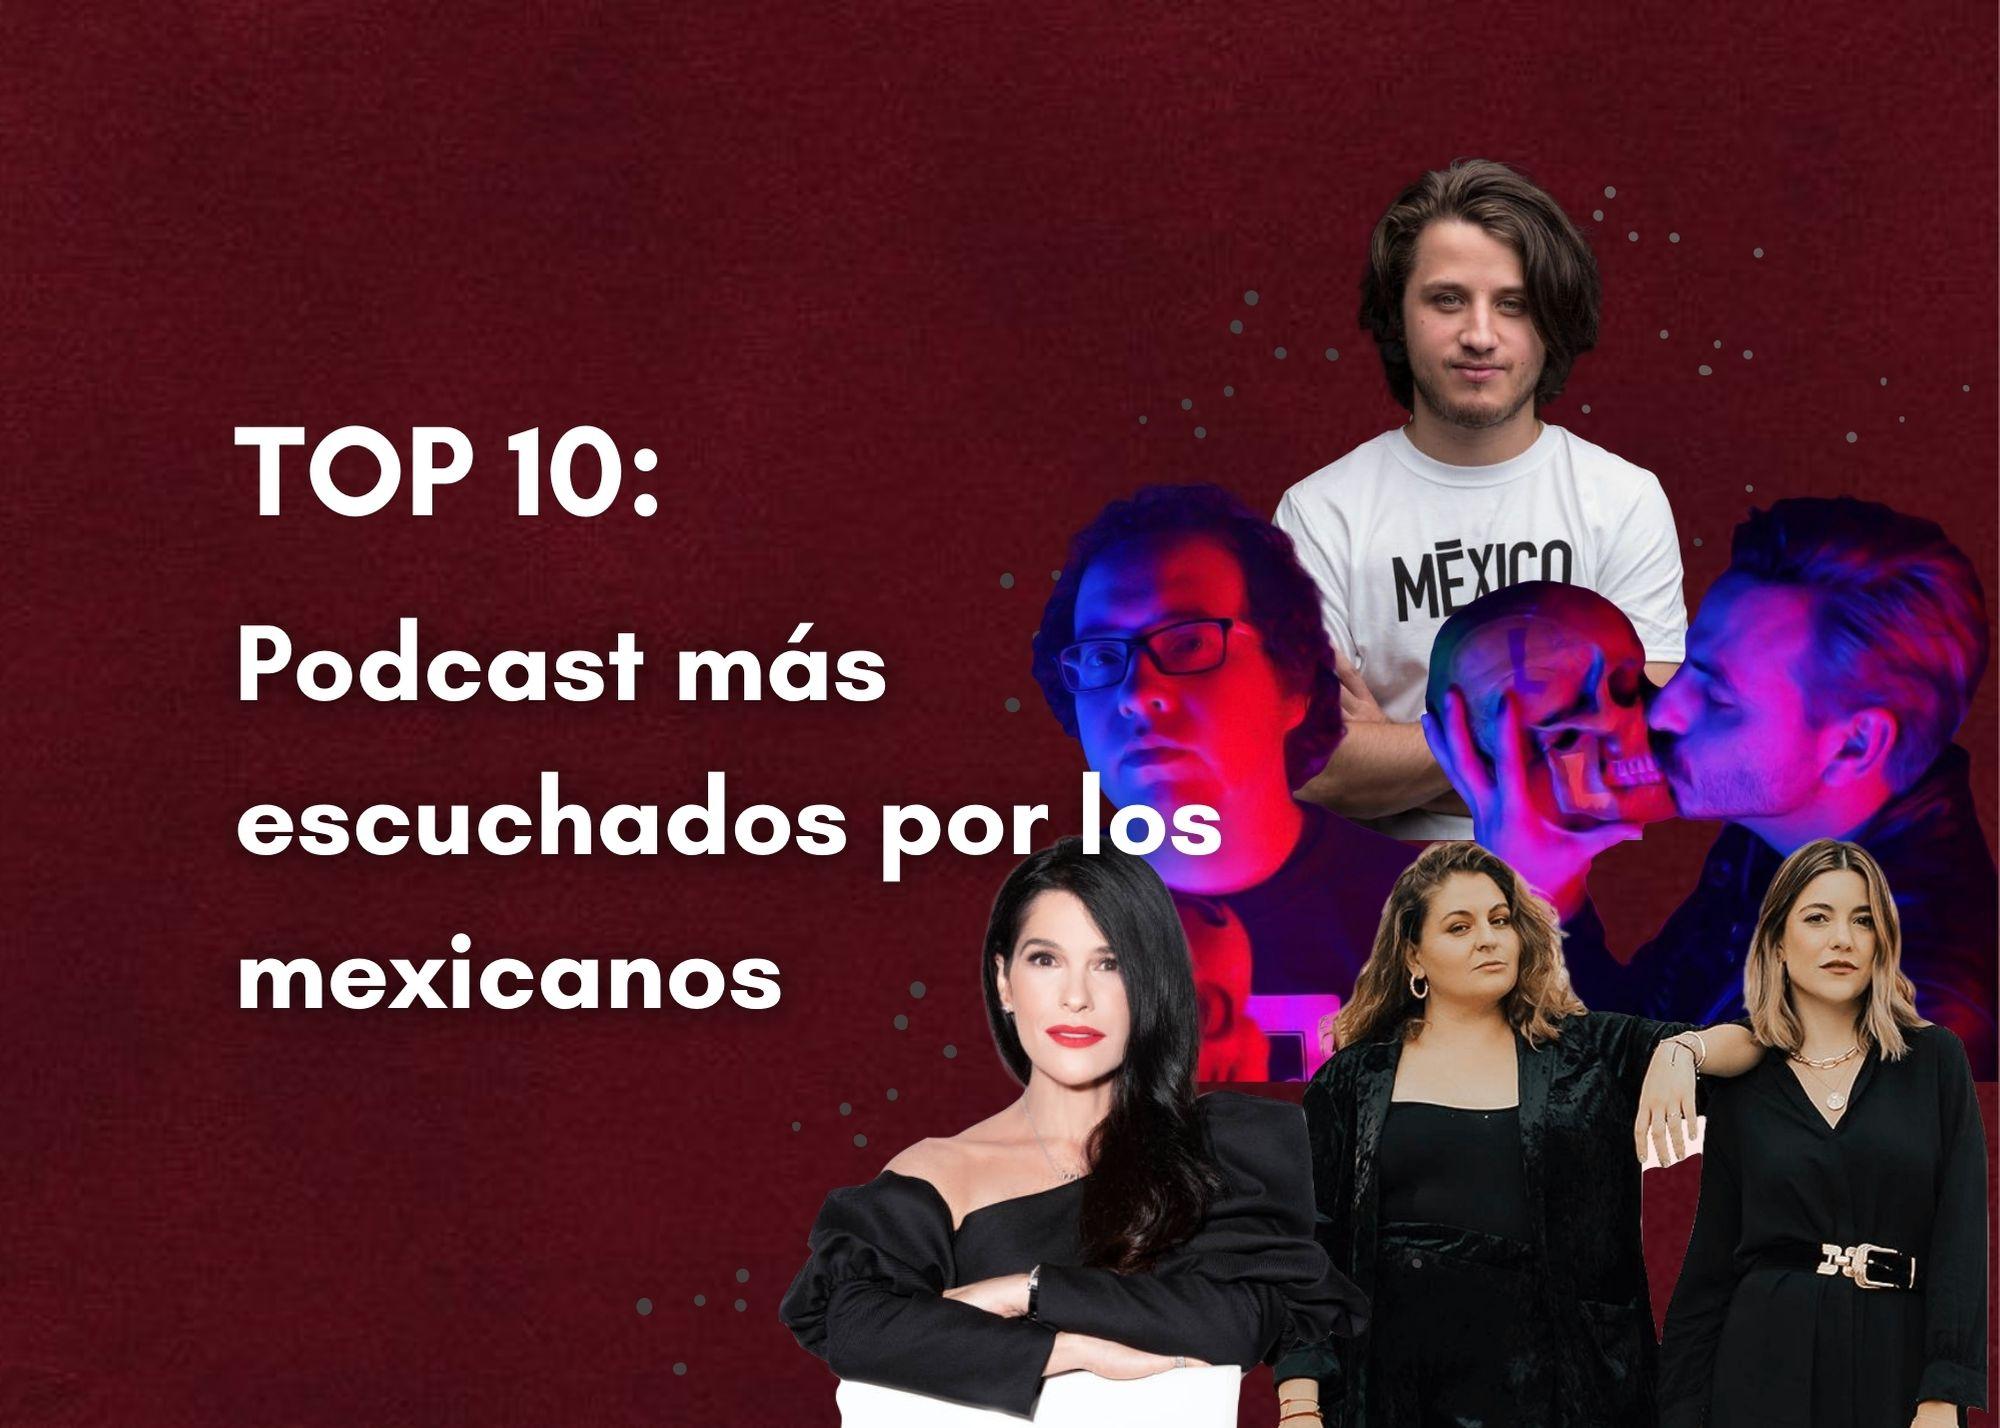 Los podcast más escuchados por los mexicanos